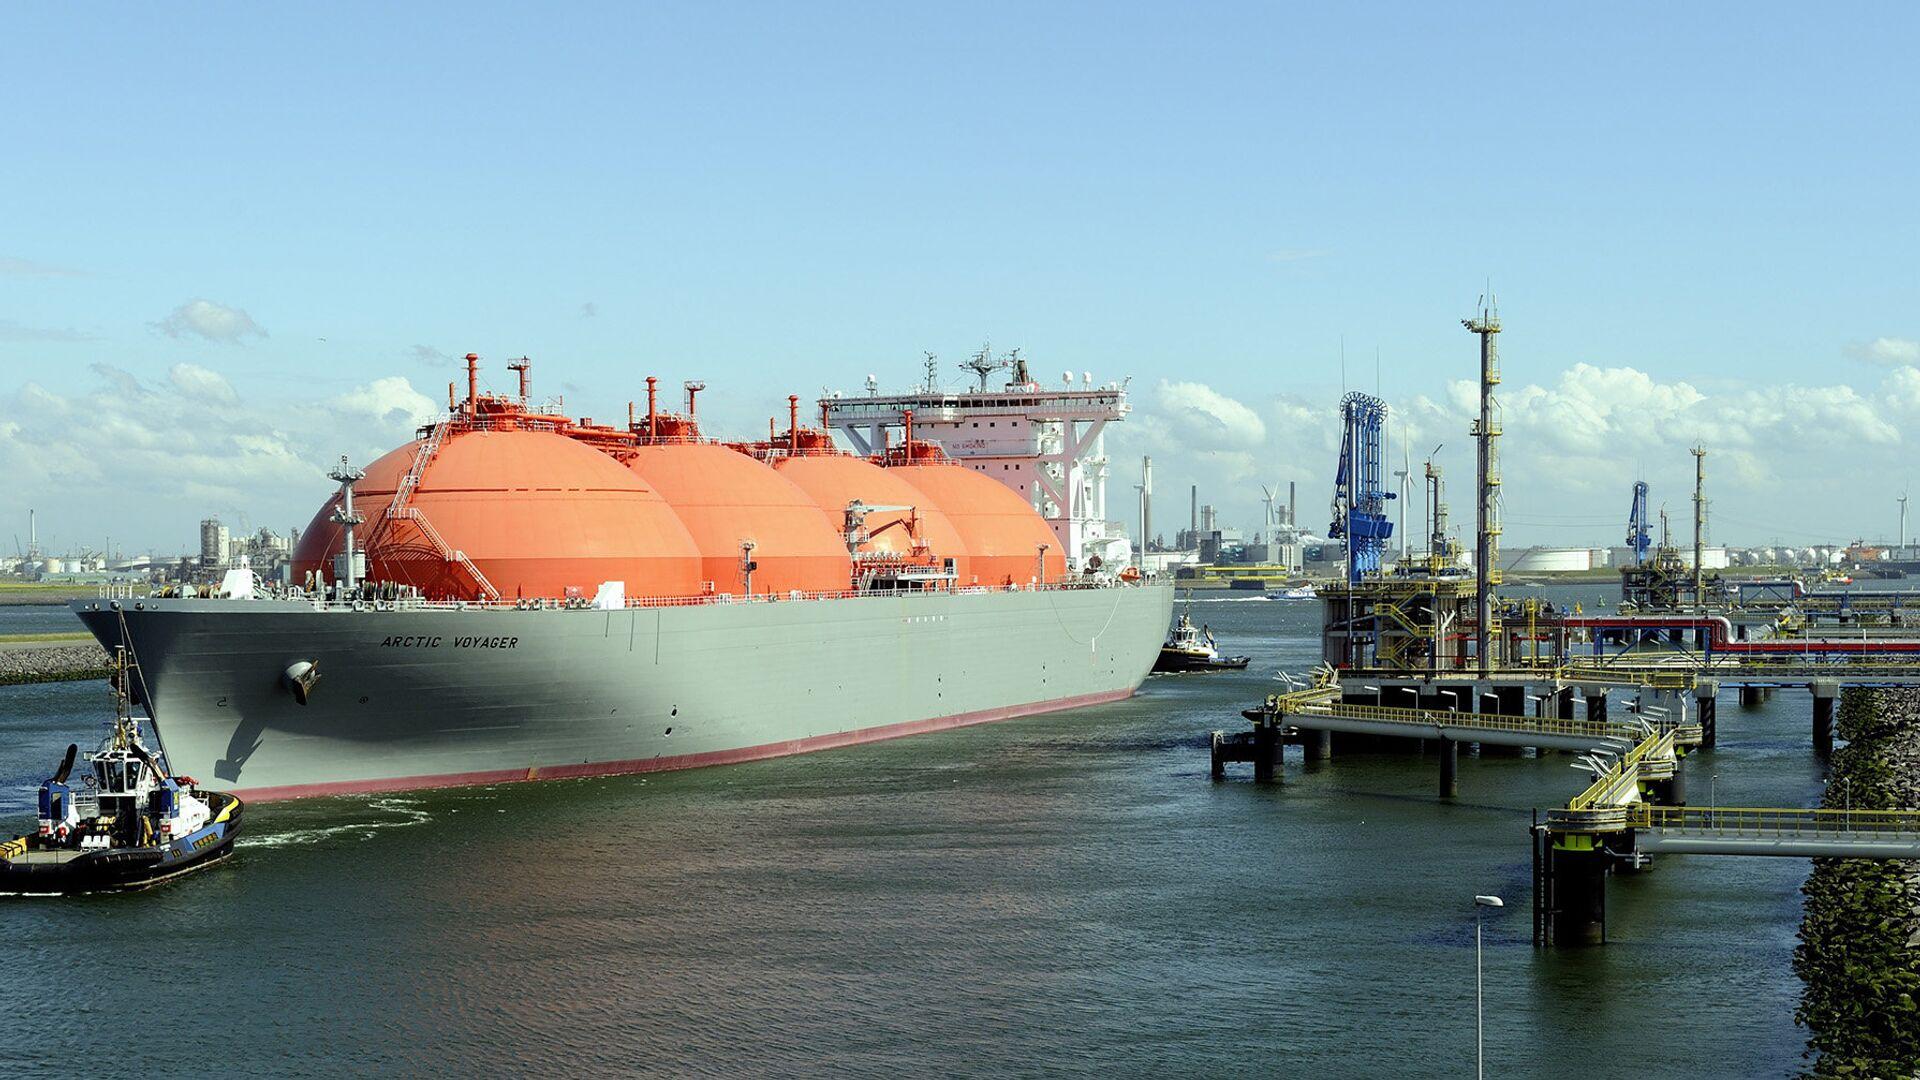 Корабль, транспортирующий природный газ в порту Ротердама, Нидерланды - РИА Новости, 1920, 14.09.2021